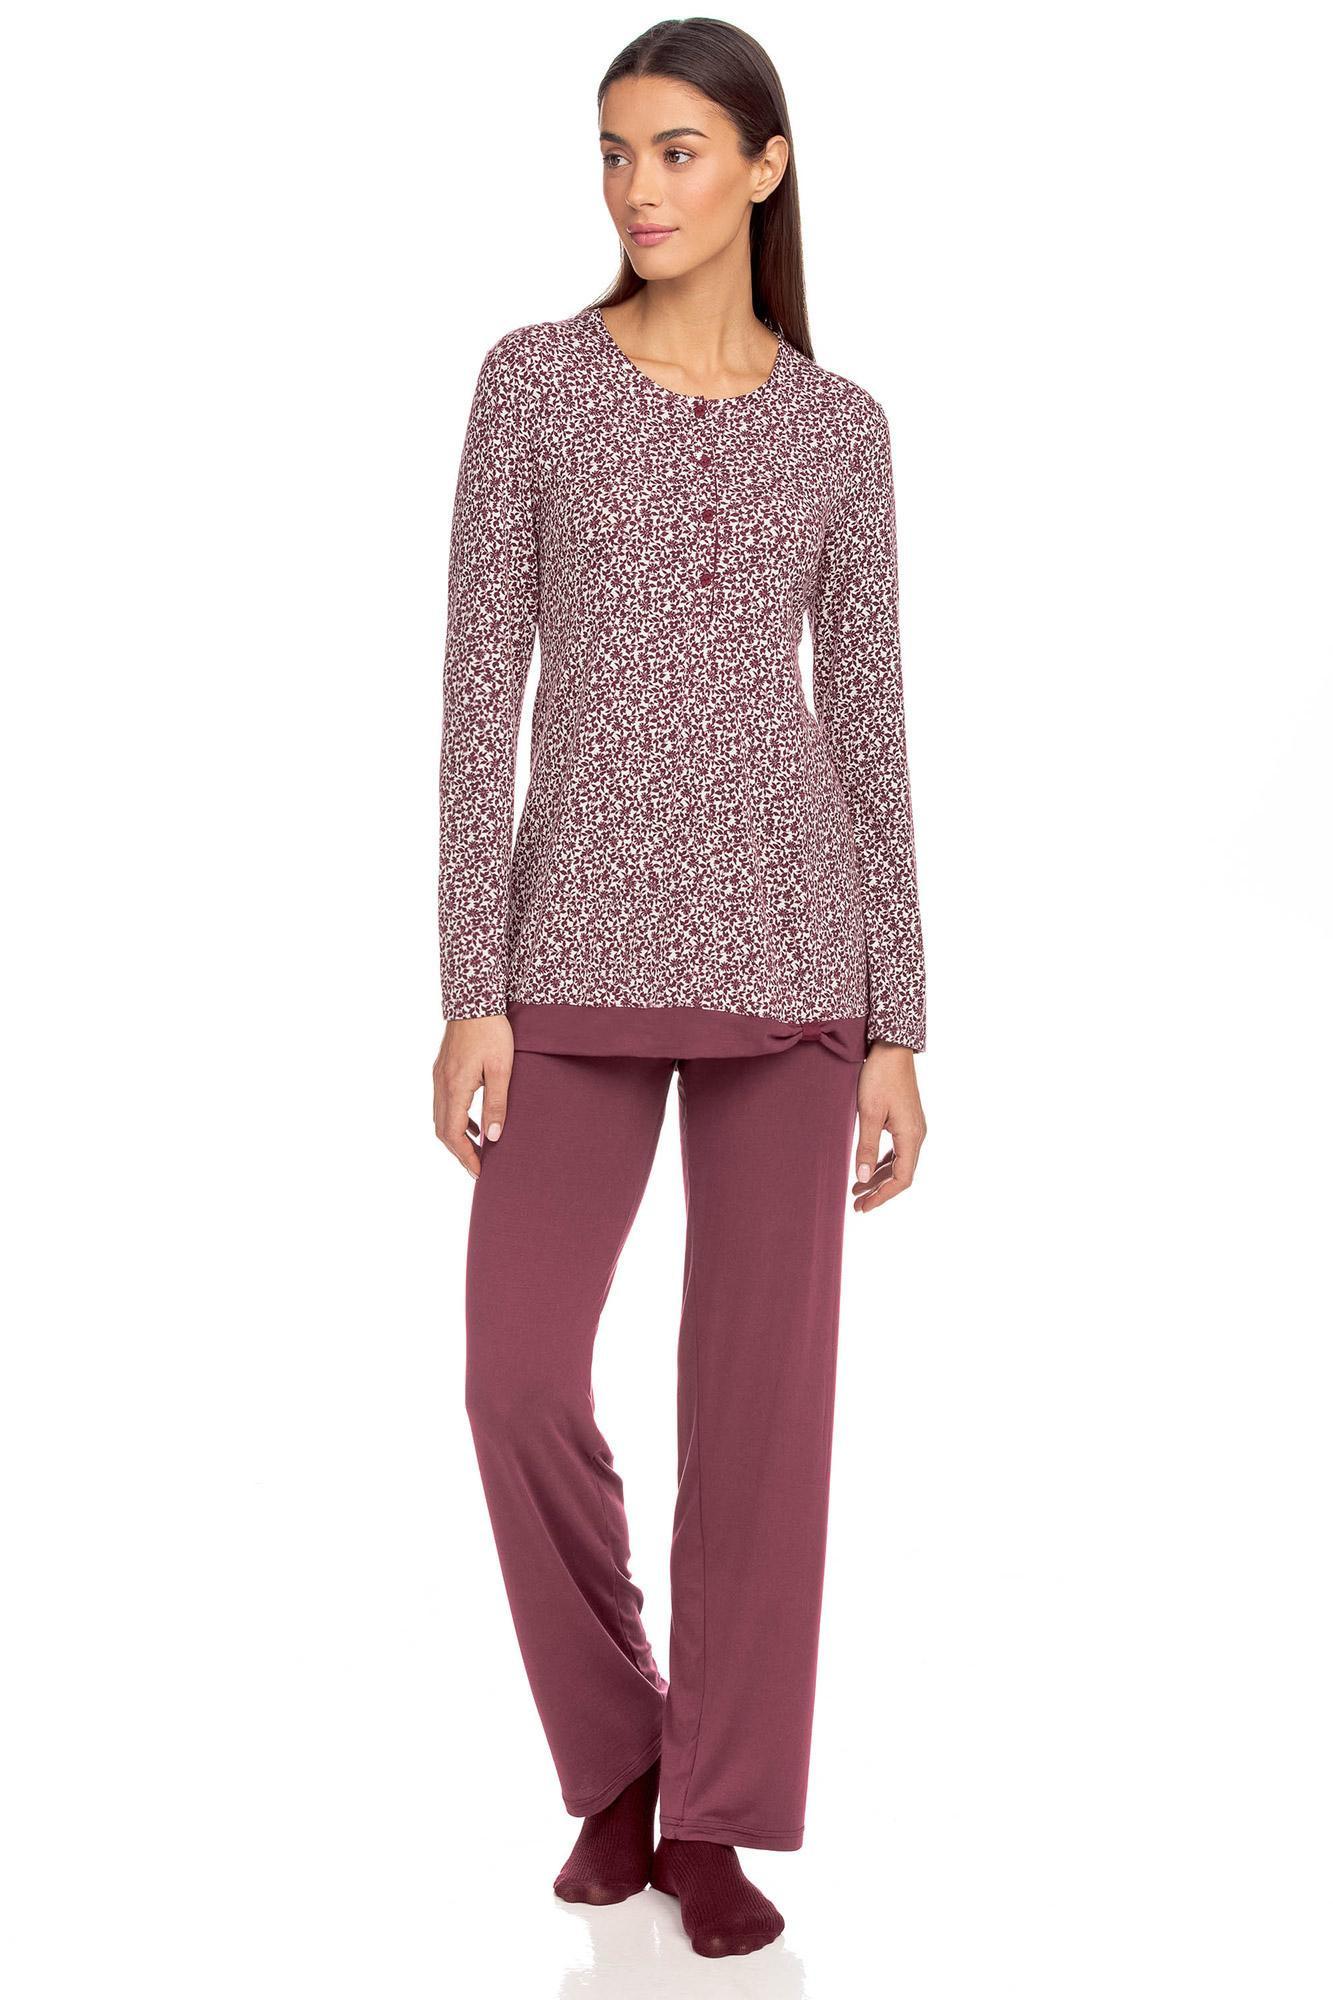 Vamp - Dvoudílné dámské pyžamo Eve RED PORTO XL 15096 - Vamp